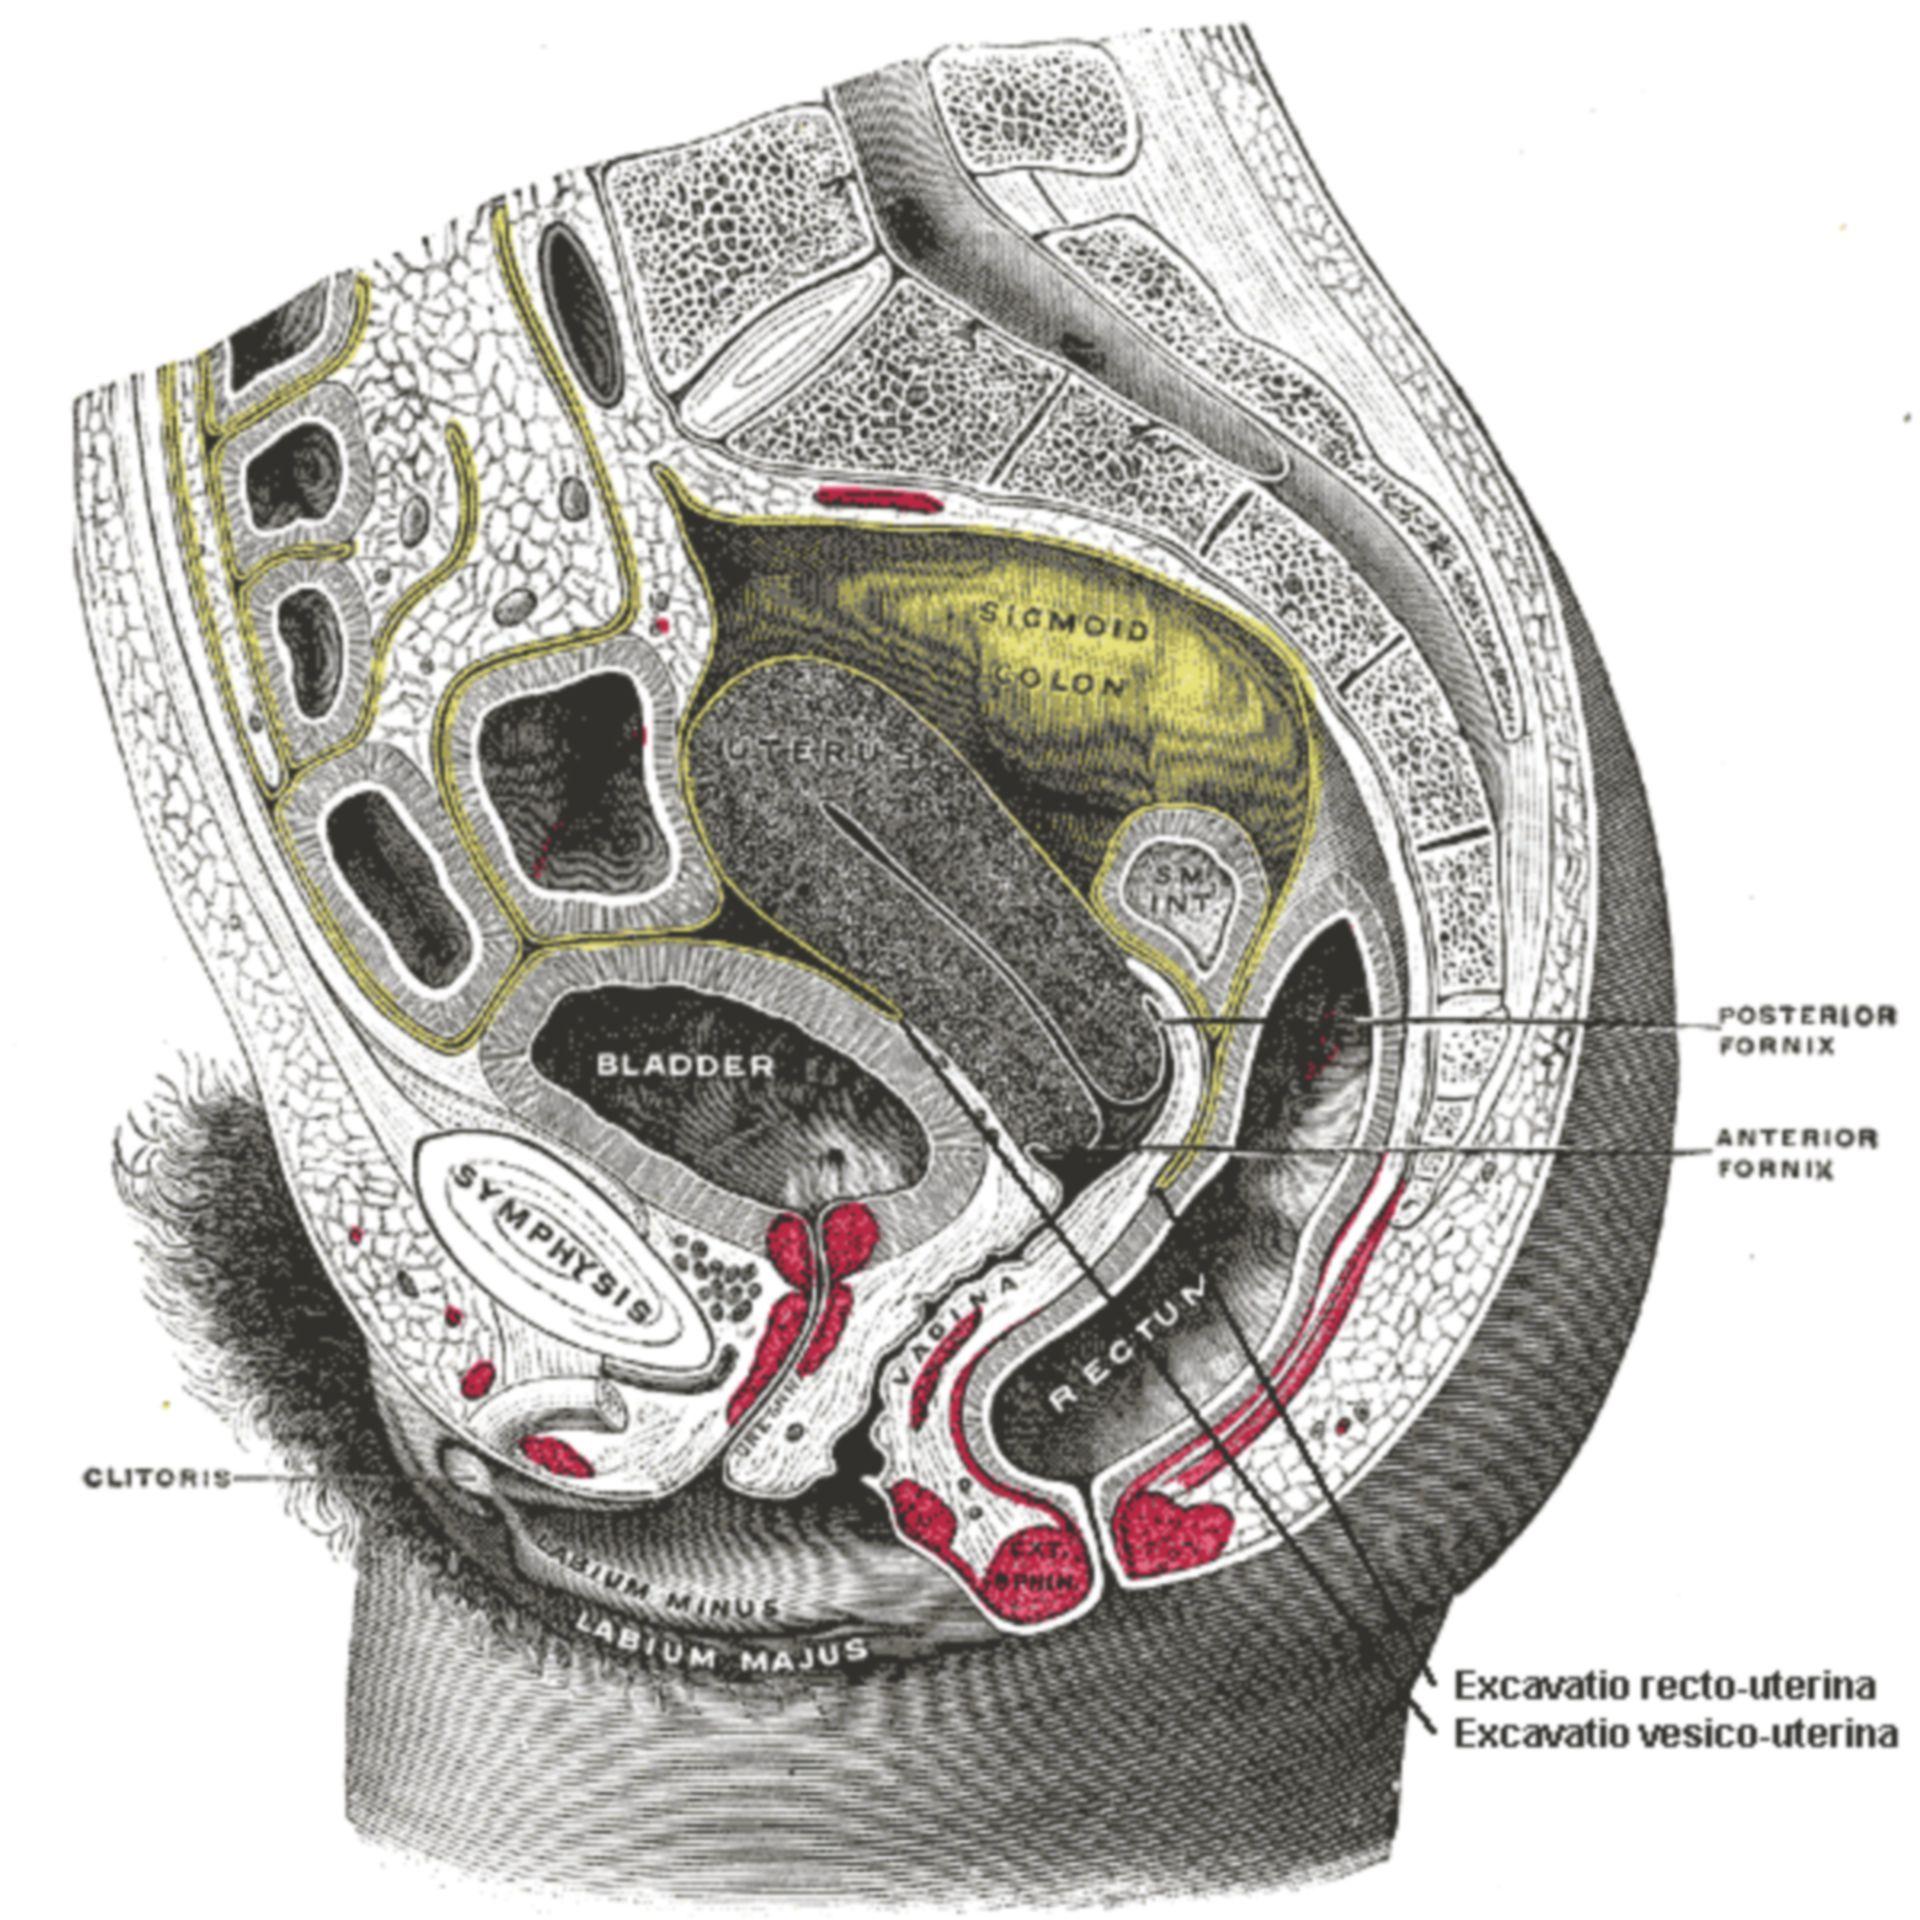 Anatomie des weiblichen Beckens (Medianschnitt)